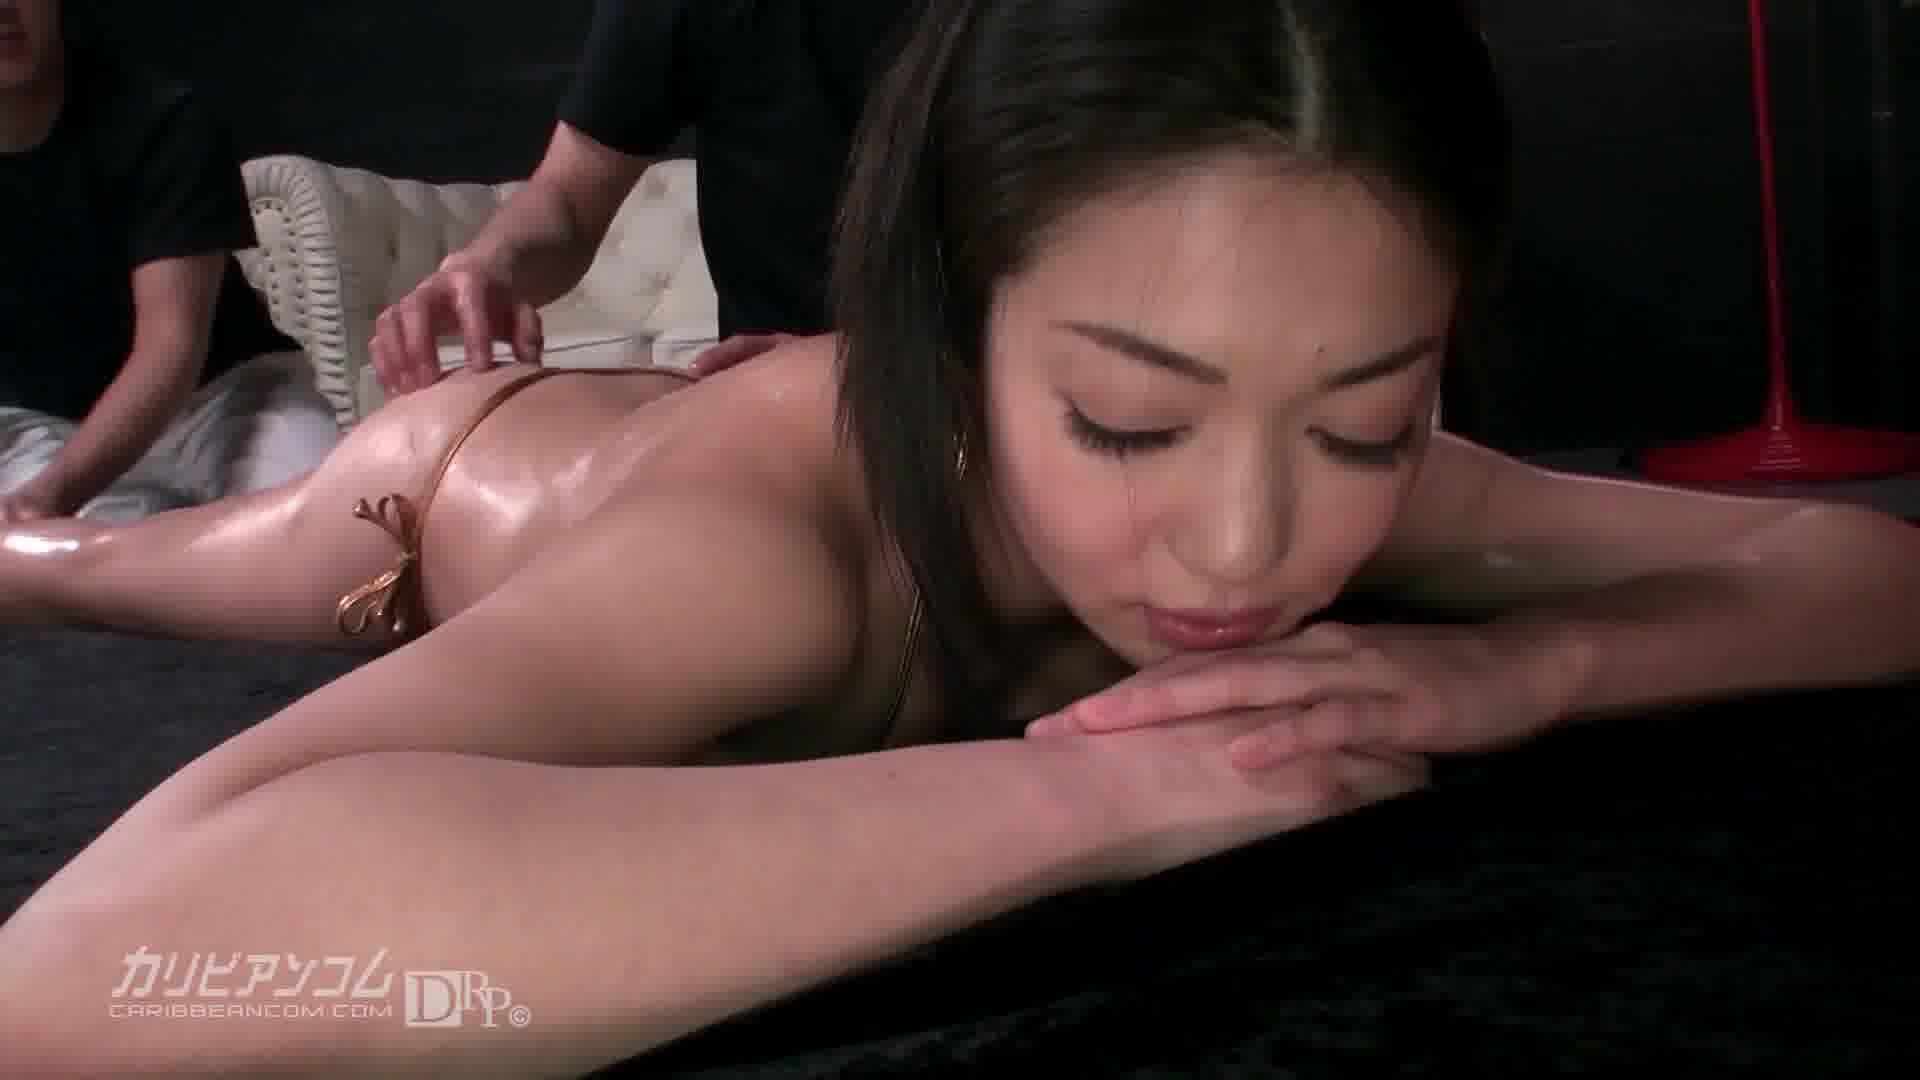 極上セレブ婦人 Vol.6 - RYU【痴女・微乳・中出し】